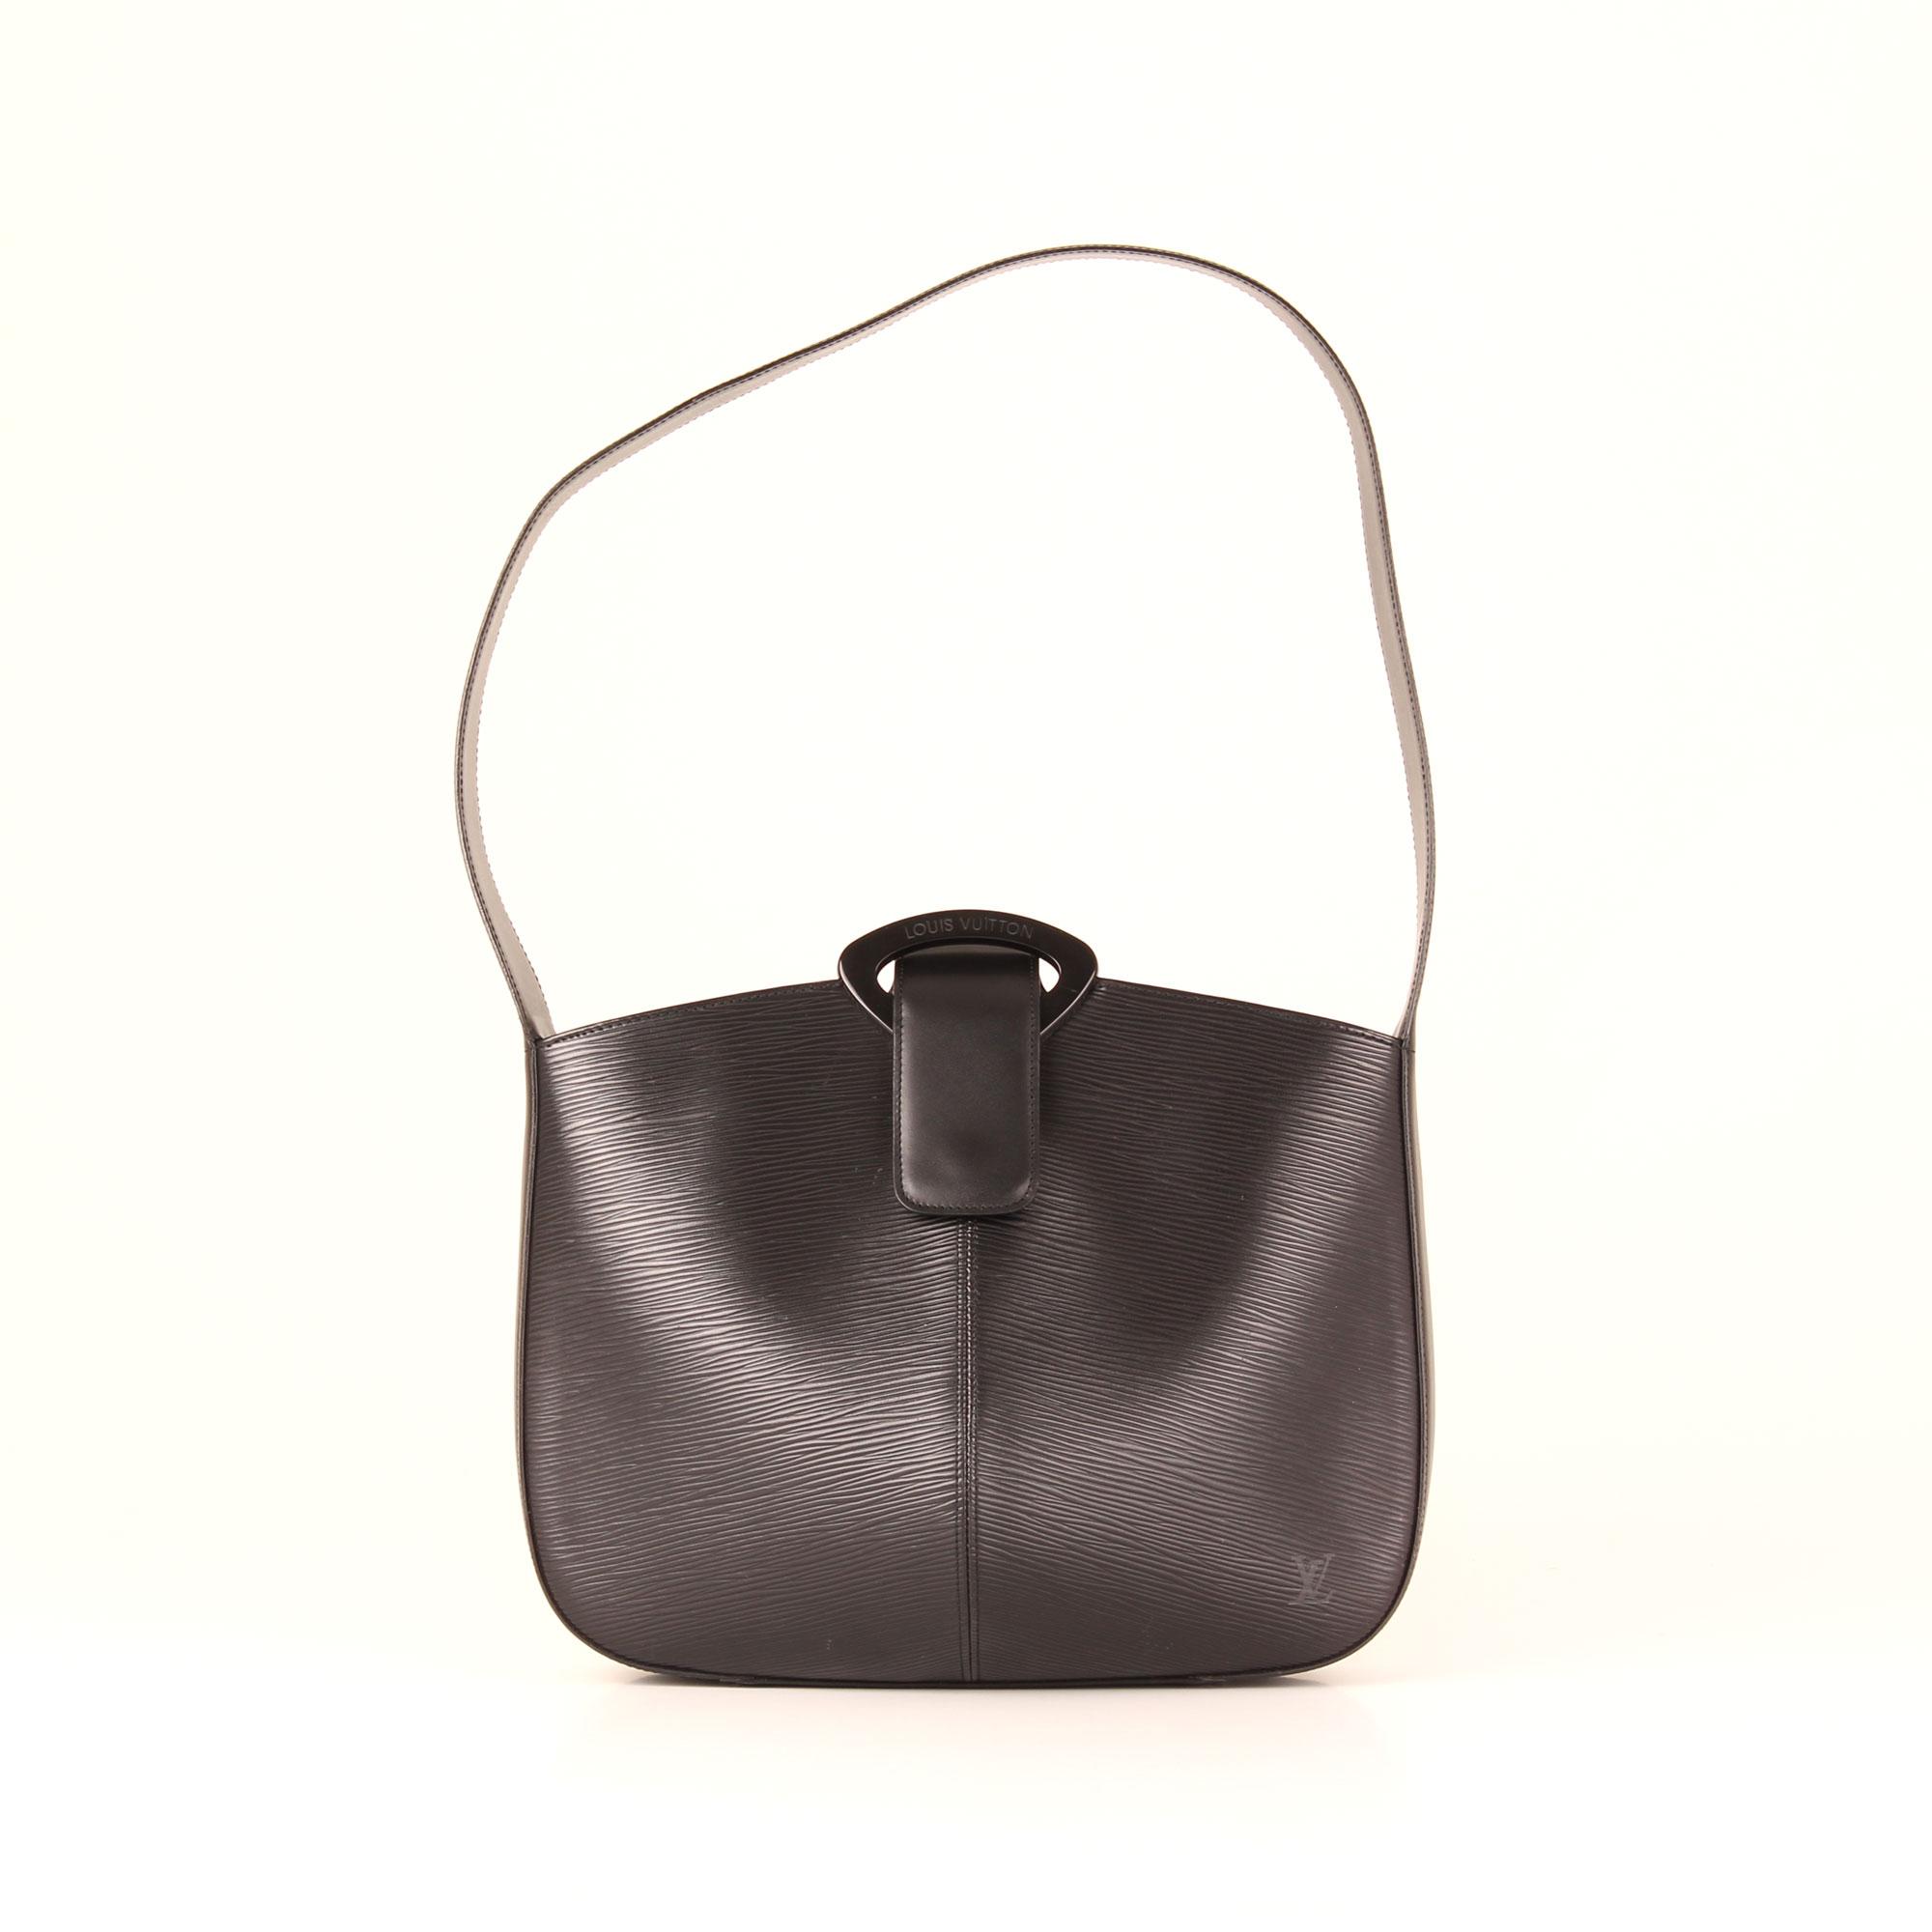 c55023358c92 Louis Vuitton Rêverie Bag Black Épi Leather I CBL Bags